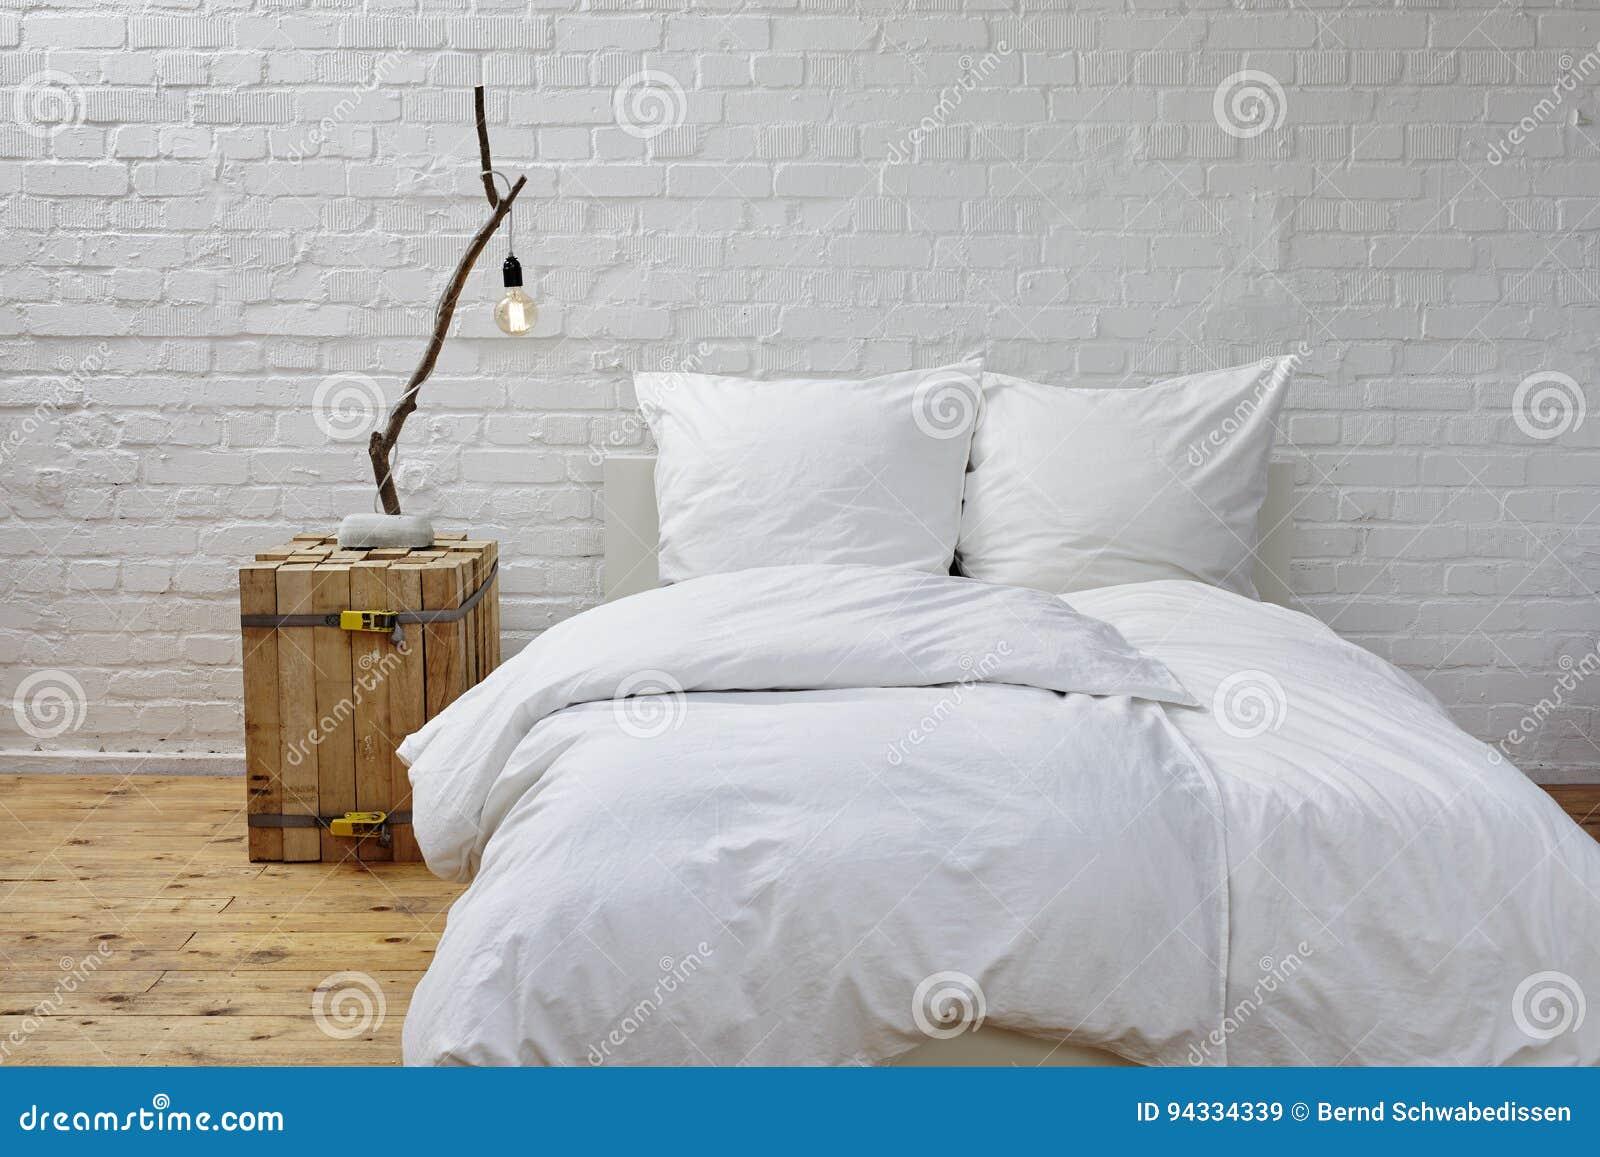 Minimalistic Sypialni Biała Pościel Gałąź Lampa I Obraz